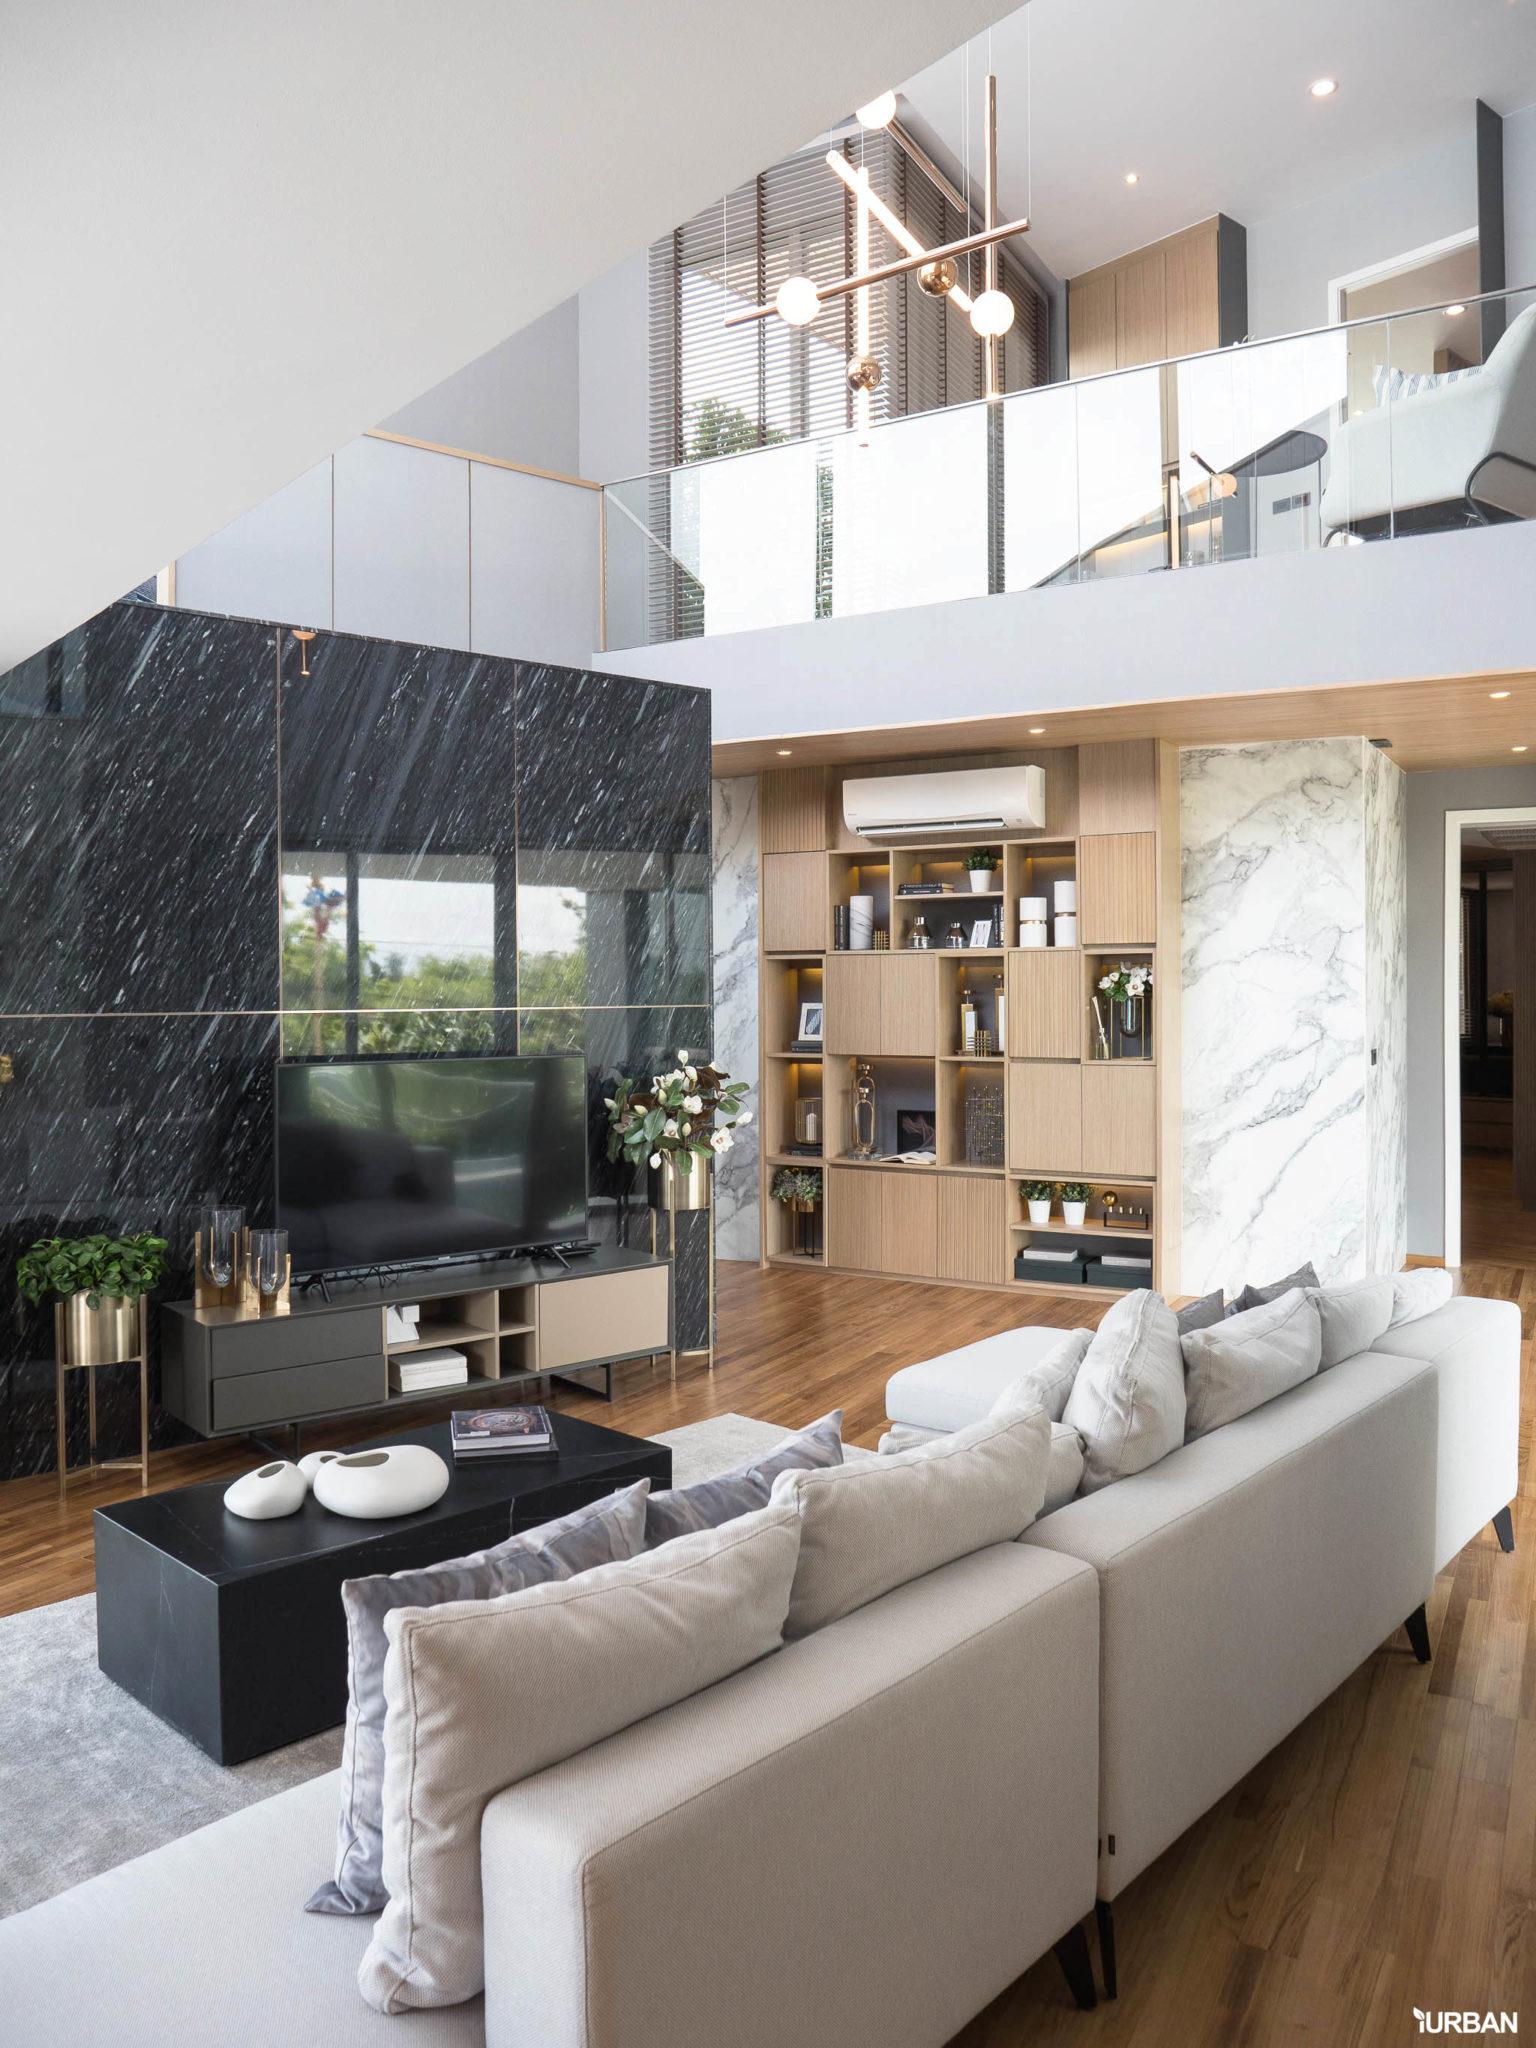 รีวิว Nirvana BEYOND Udonthani บ้านเดี่ยว 3 ชั้น ดีไซน์บิดสุดโมเดิร์น บนที่ดินสุดท้ายหน้าหนองประจักษ์ 57 - Luxury